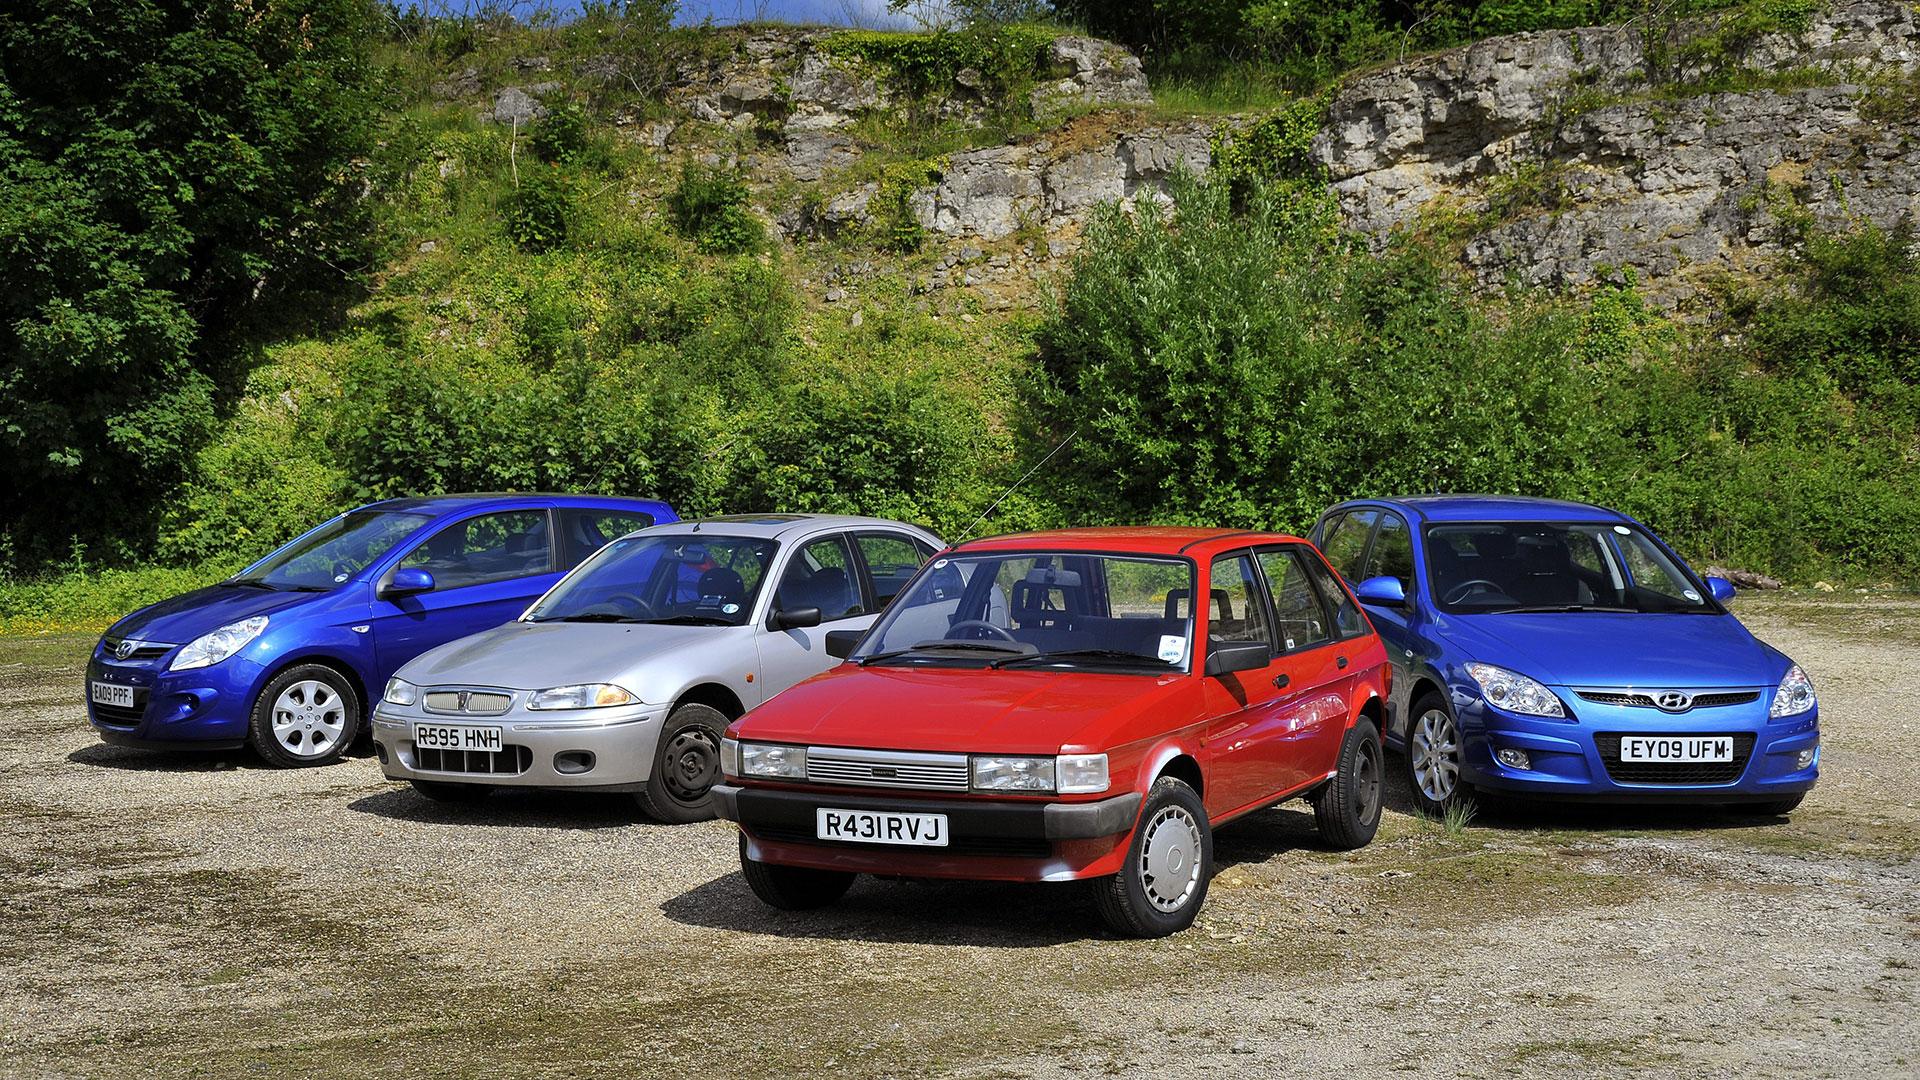 Hyundai and Rover scrappage